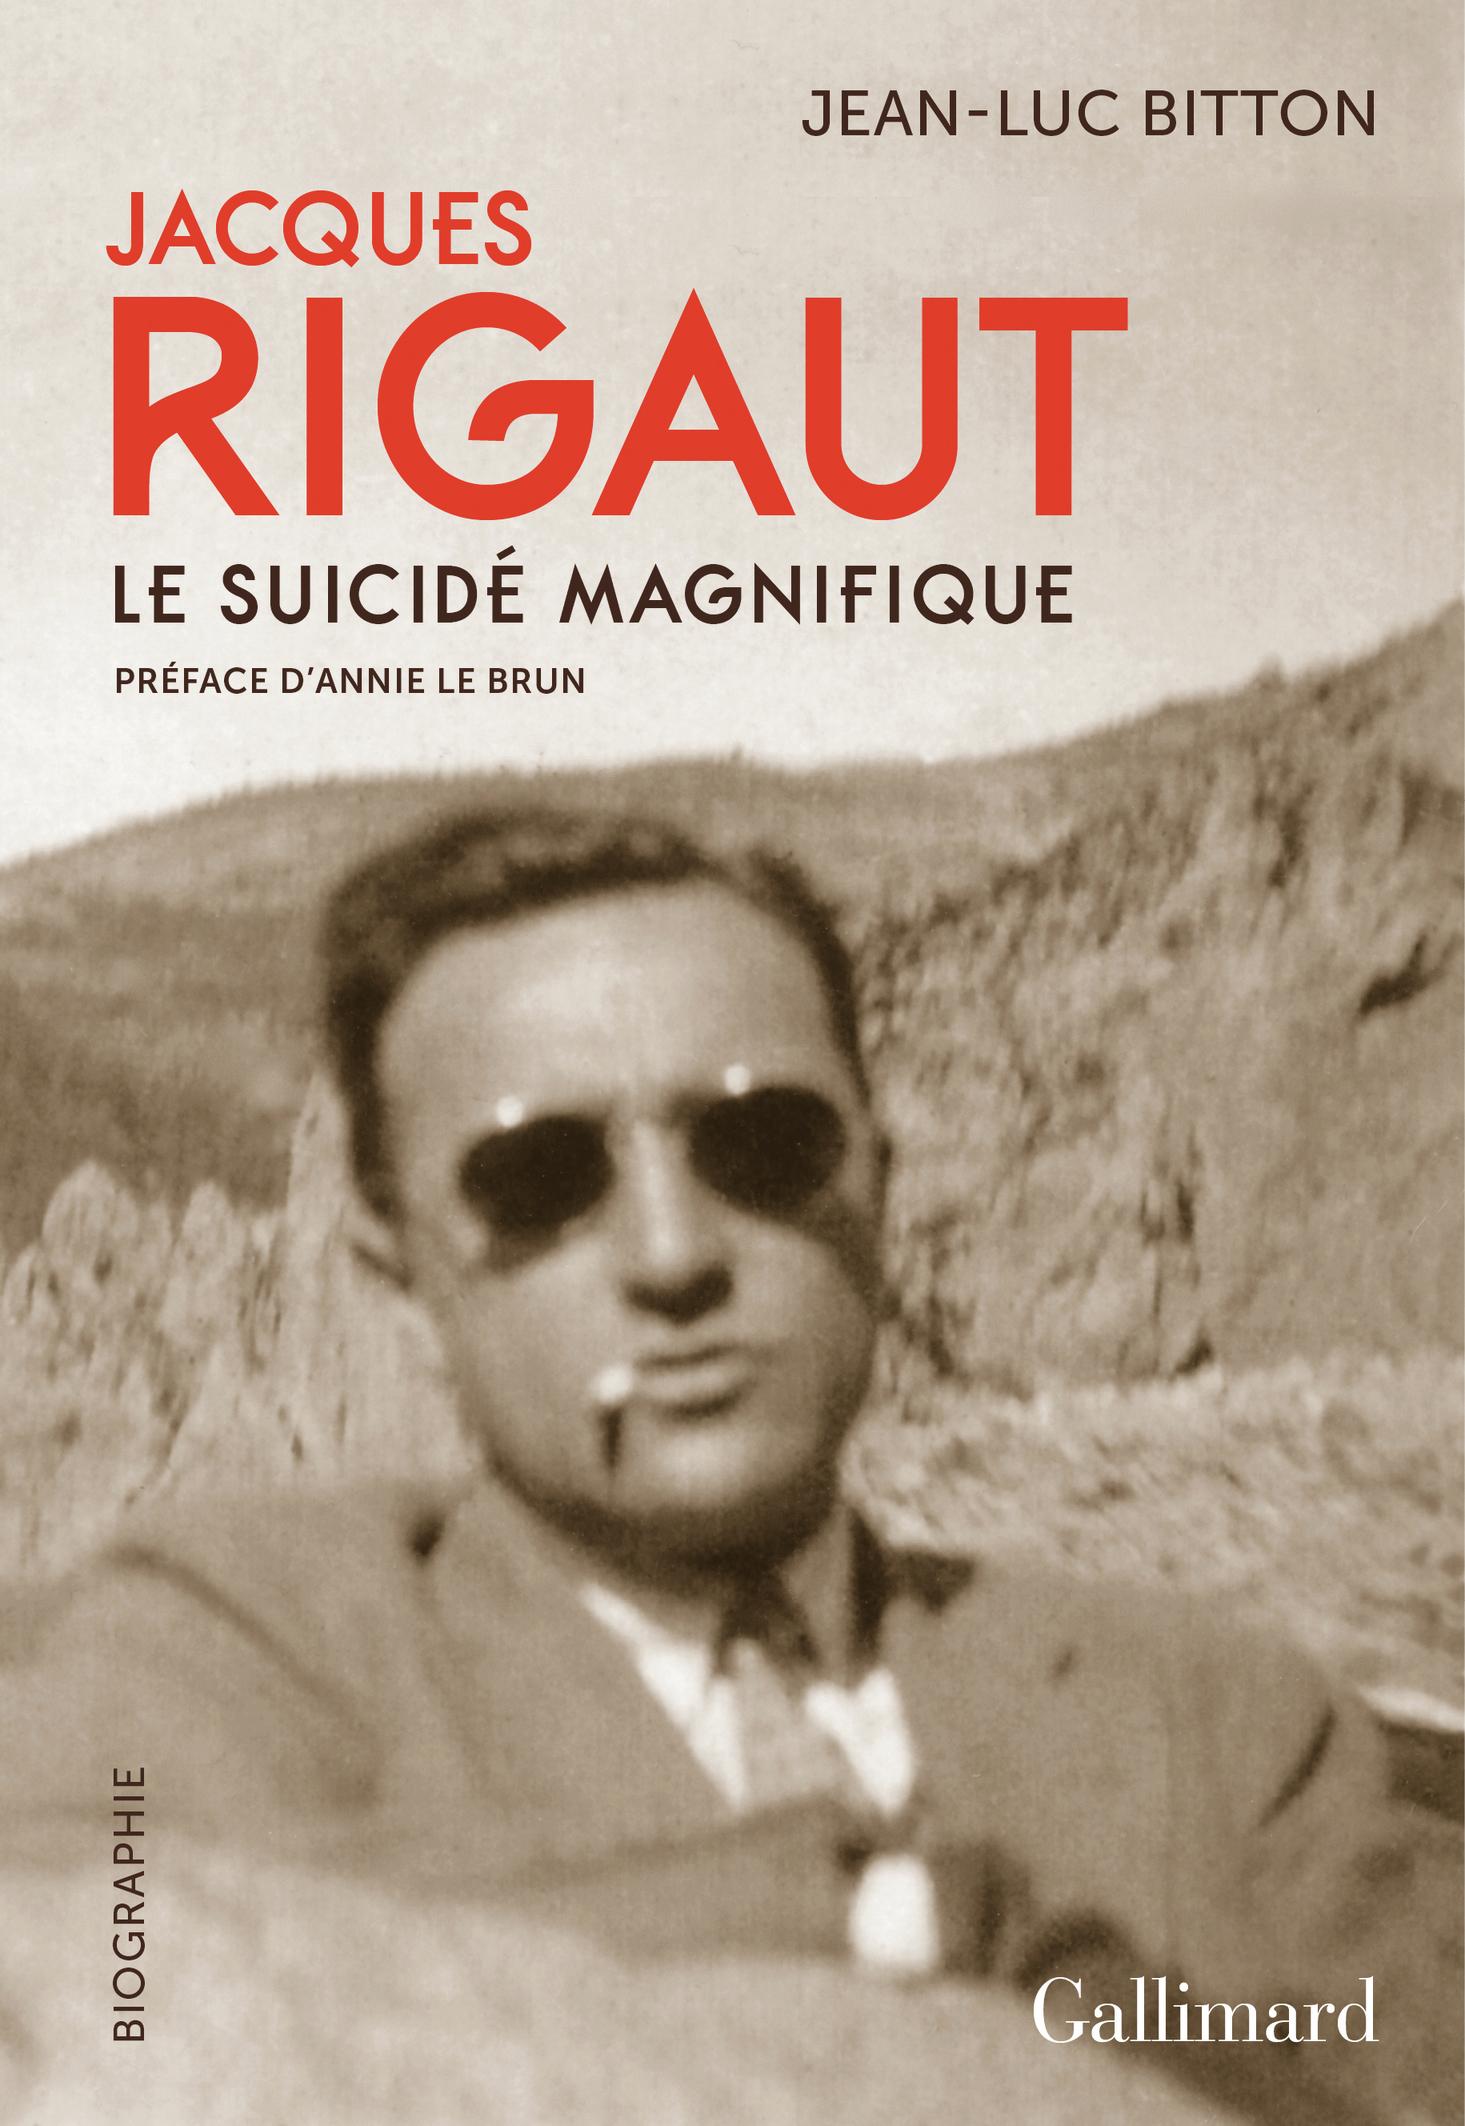 J.-L. Bitton, Jacques Rigaut. Le suicidé magnifique